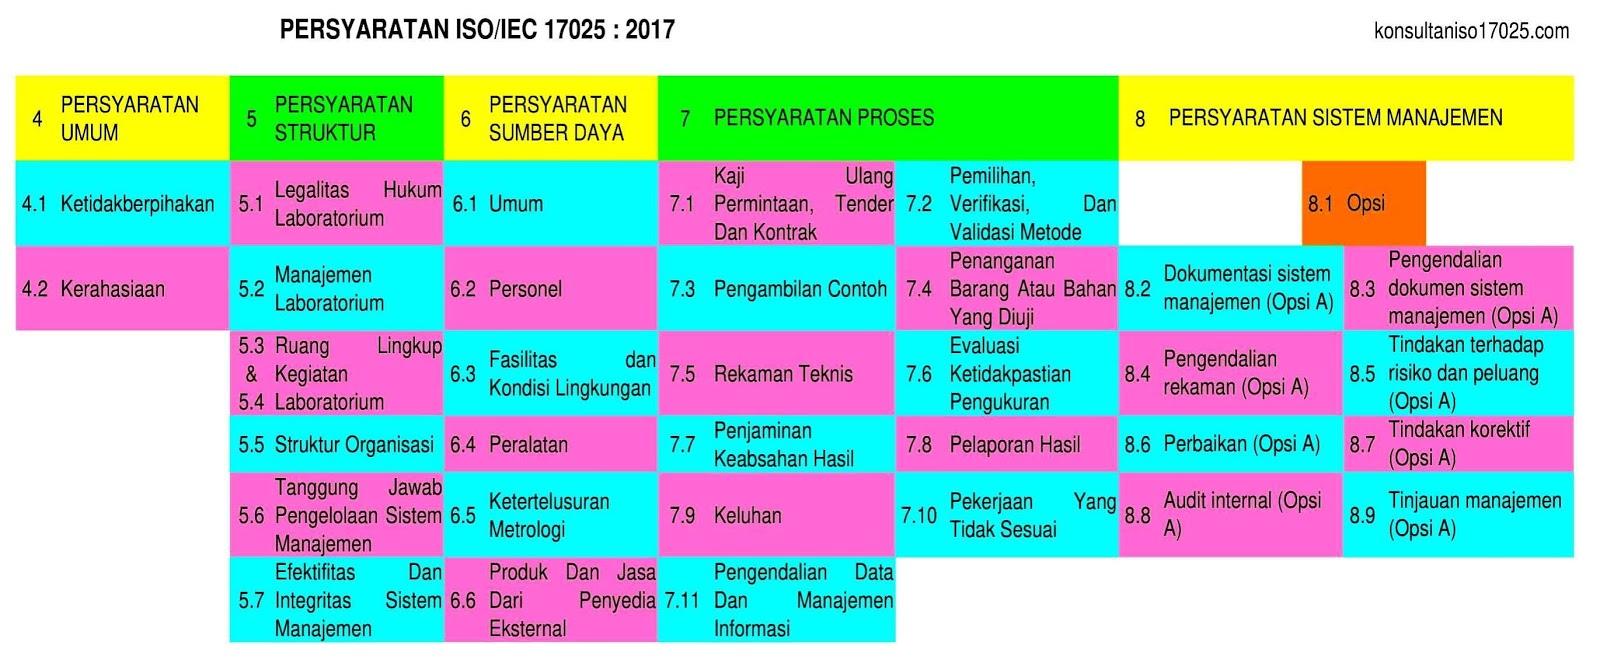 Persyaratan ISO/IEC 17025:2017, Klausul ISO/IEC 17025:2017, Persyaratan ISO/IEC 17025:2017 (Indonesia), ISO/IEC 17025:2017 Requirement